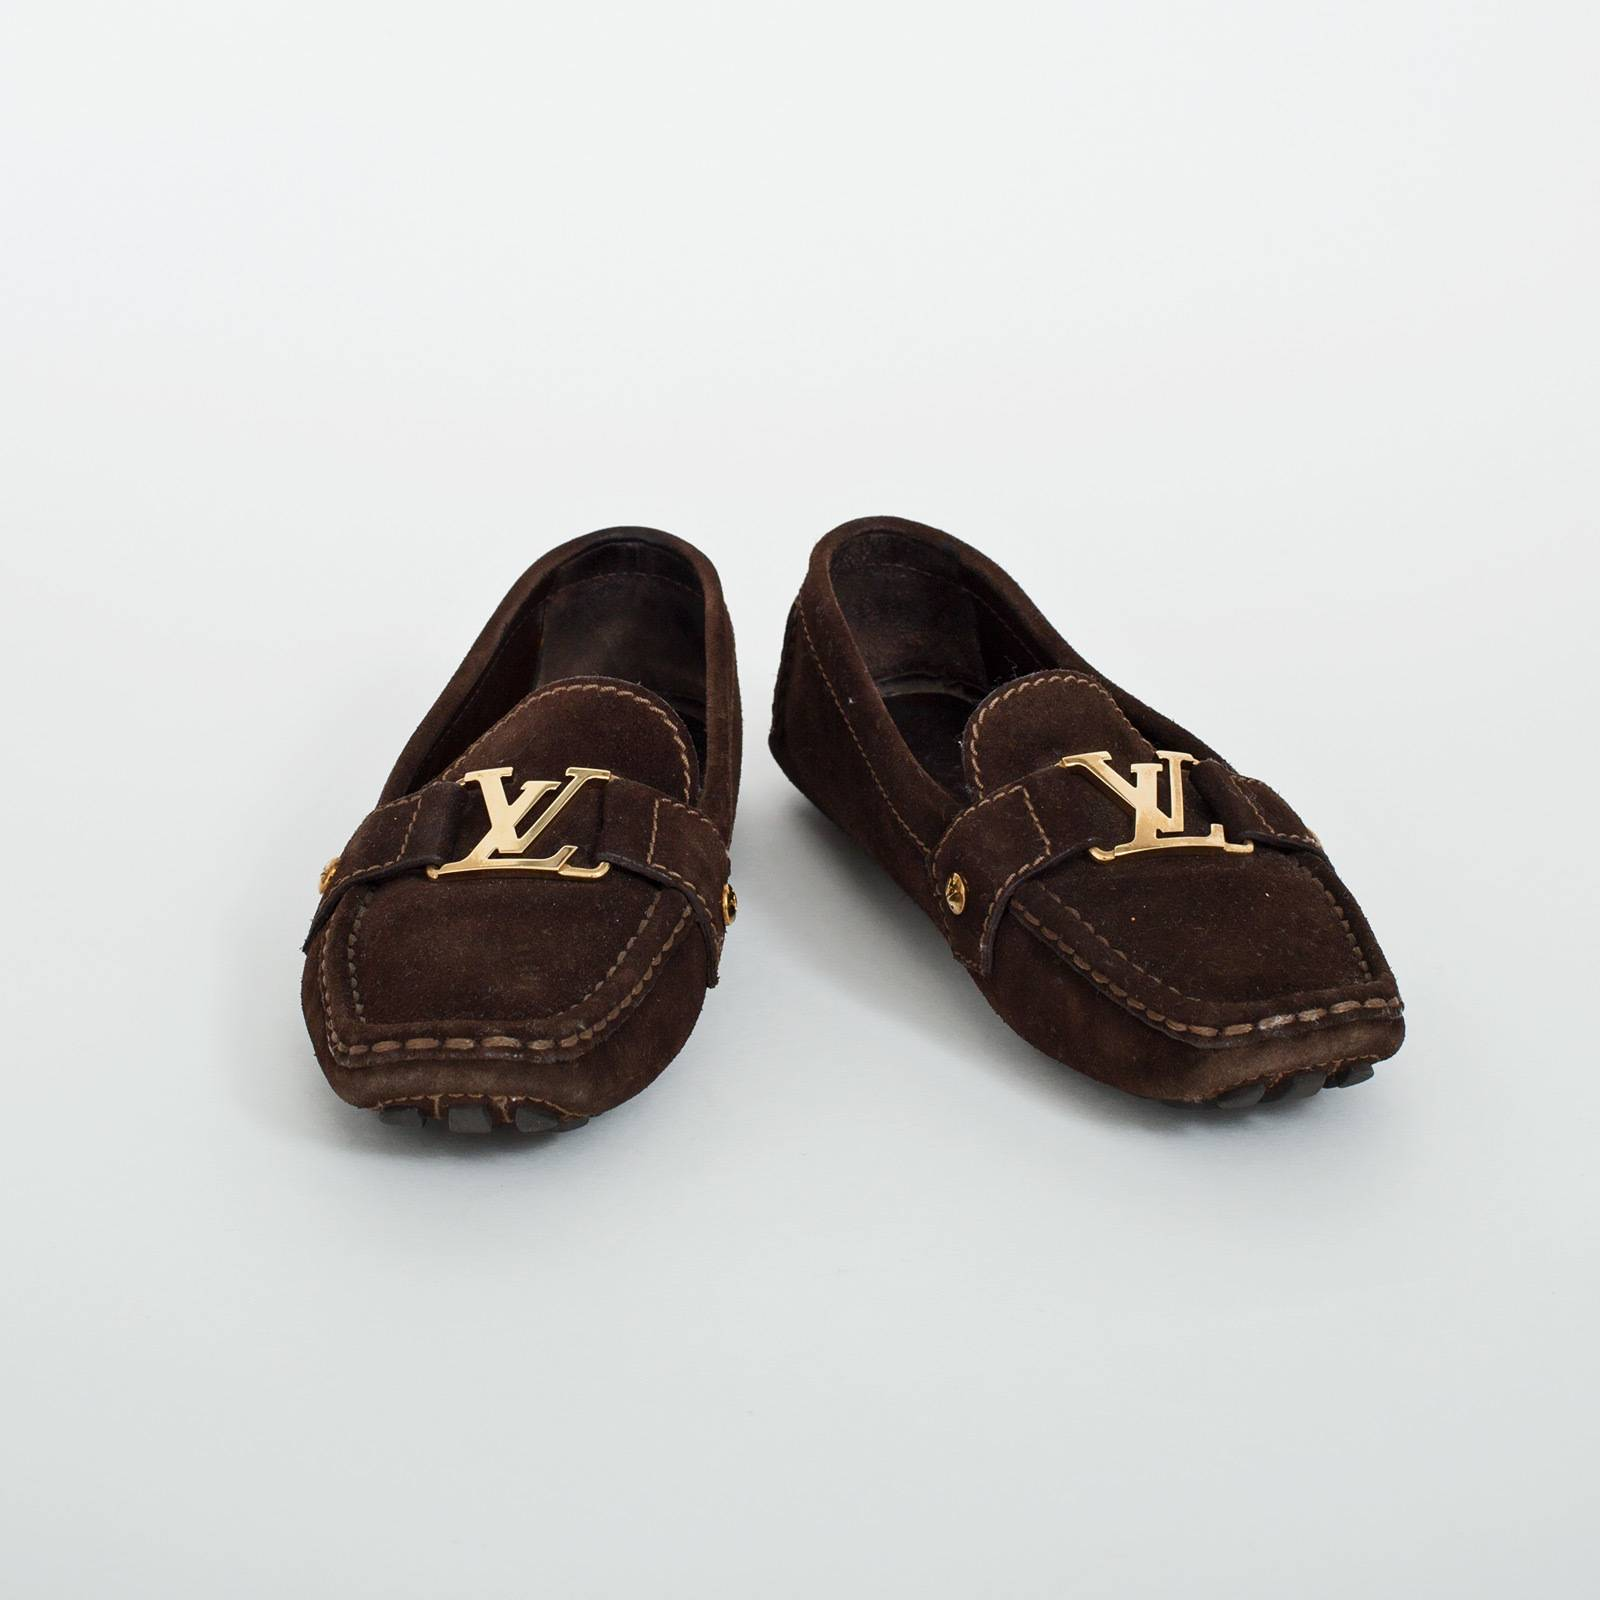 6d1ee1b96e0c Купить Мокасины Louis Vuitton в Москве с доставкой по цене 8800 ...